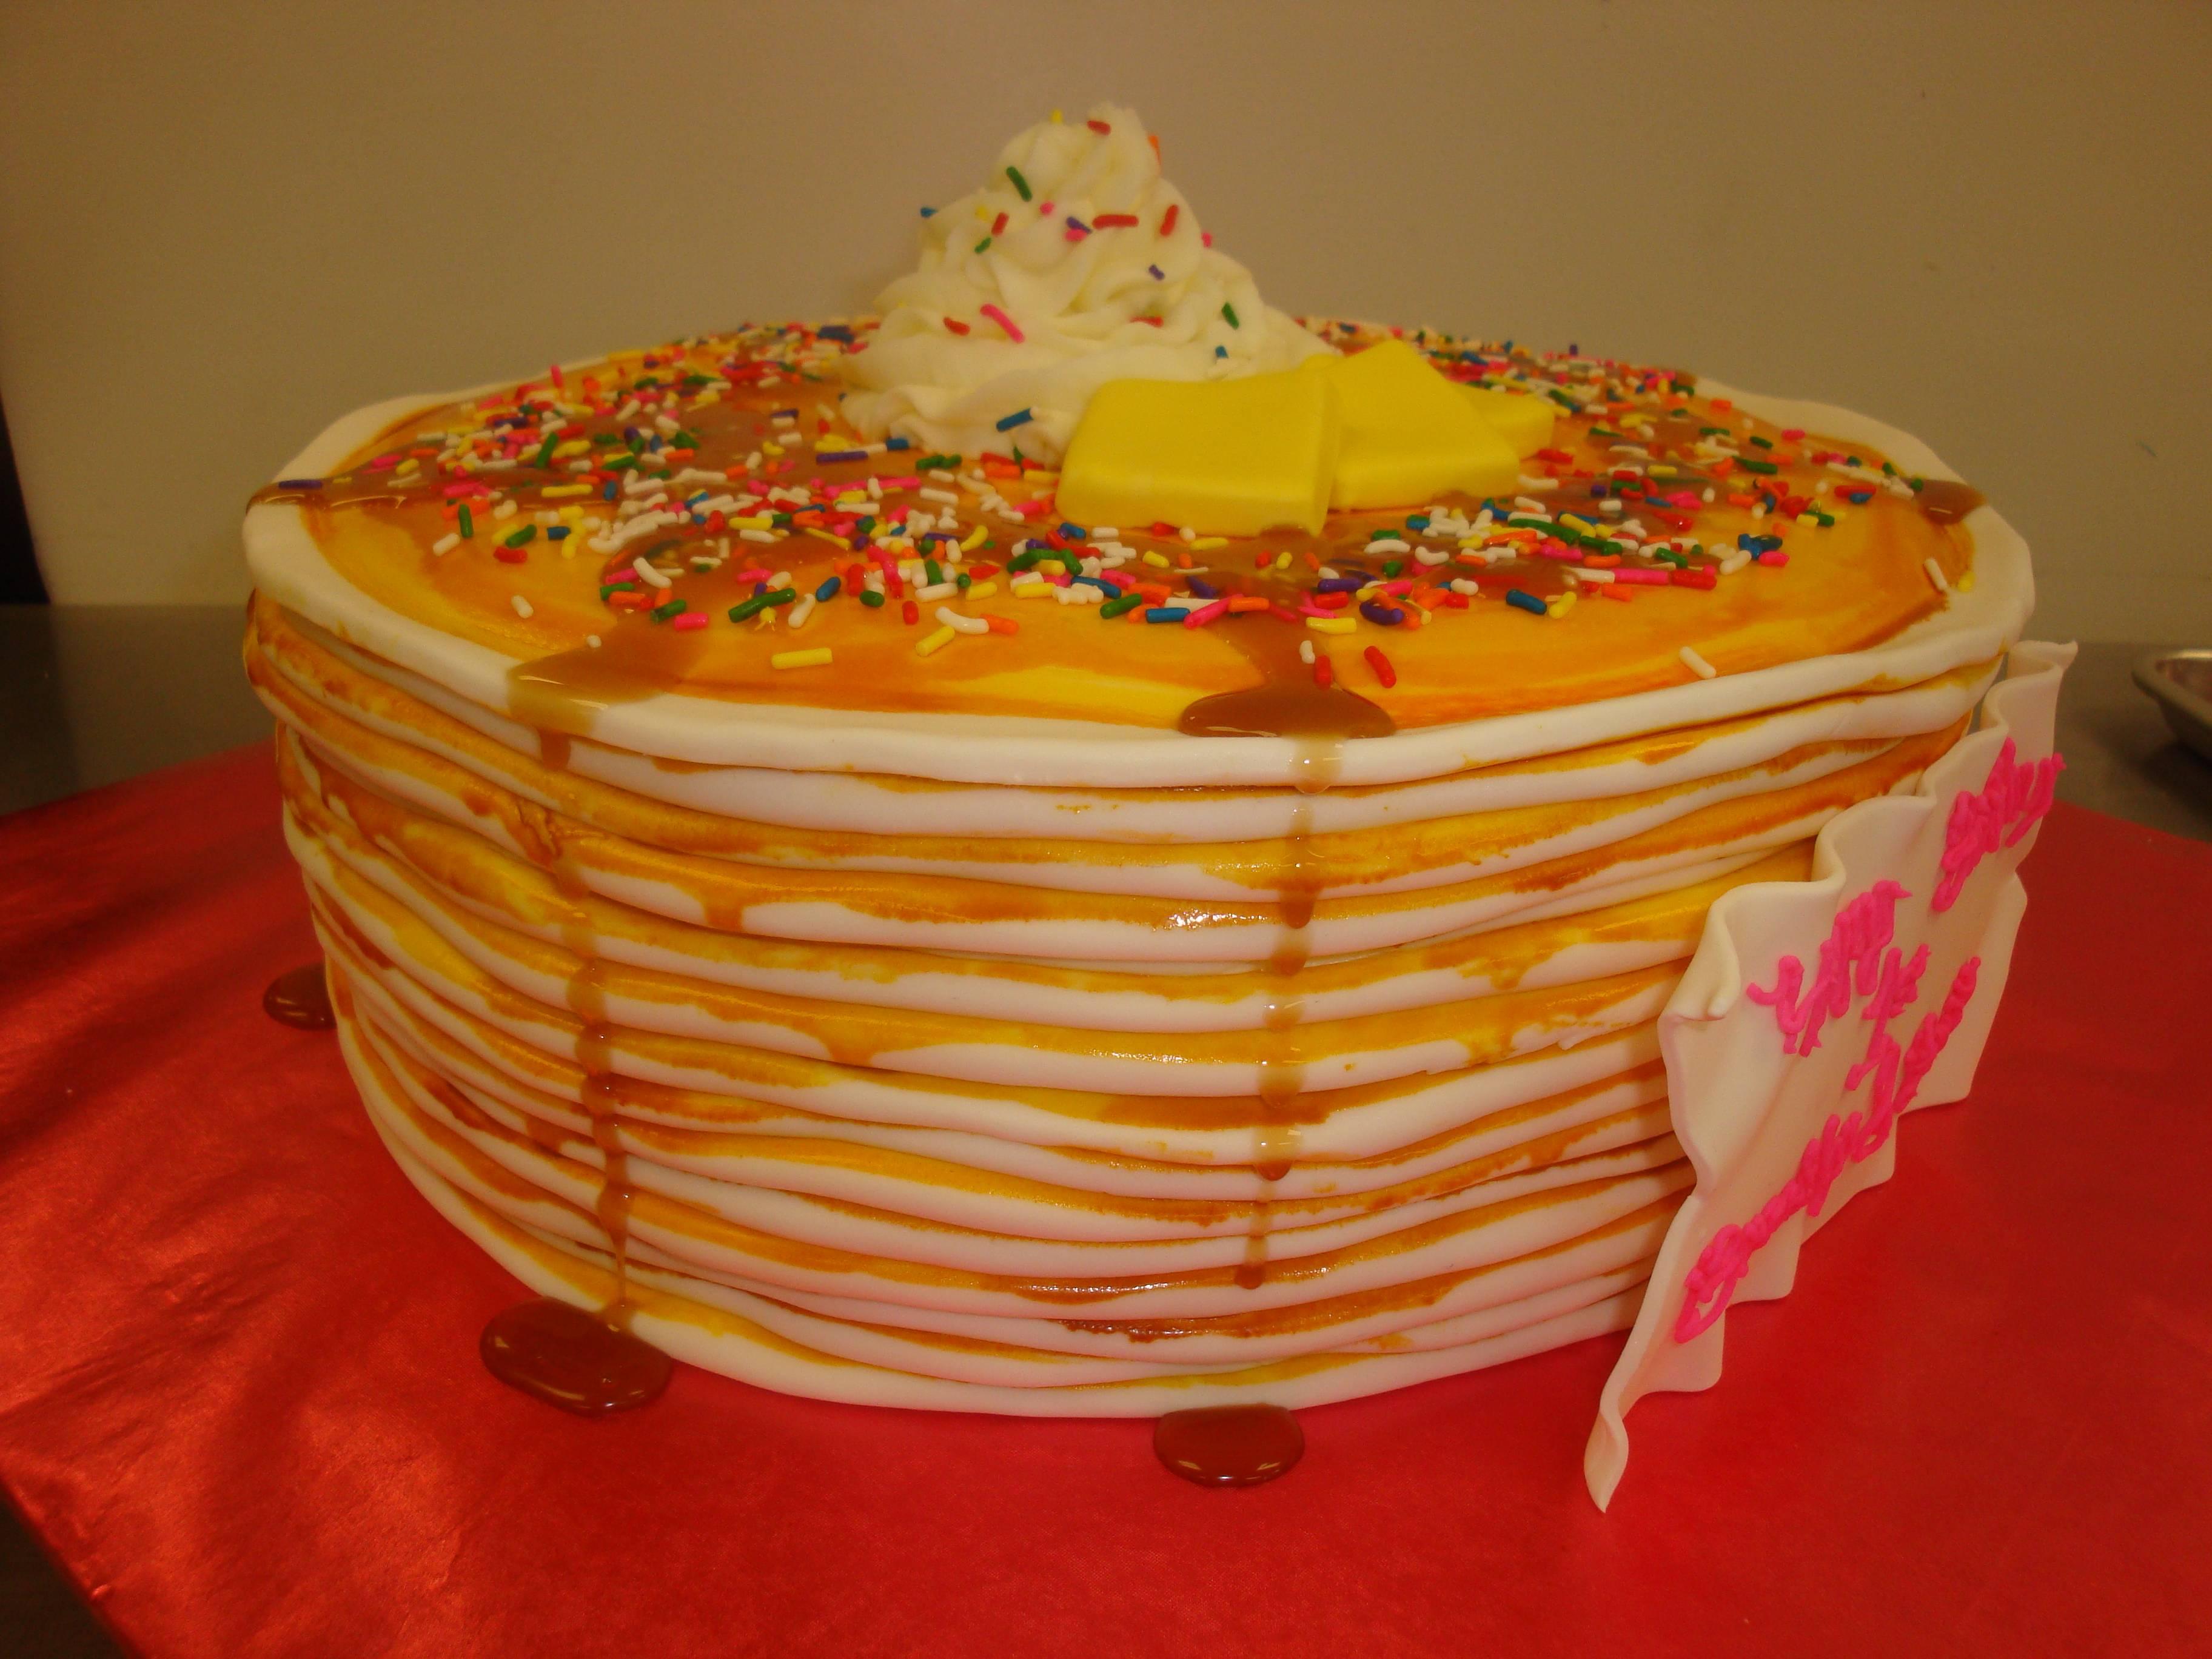 fondant pancake stack $6/serving